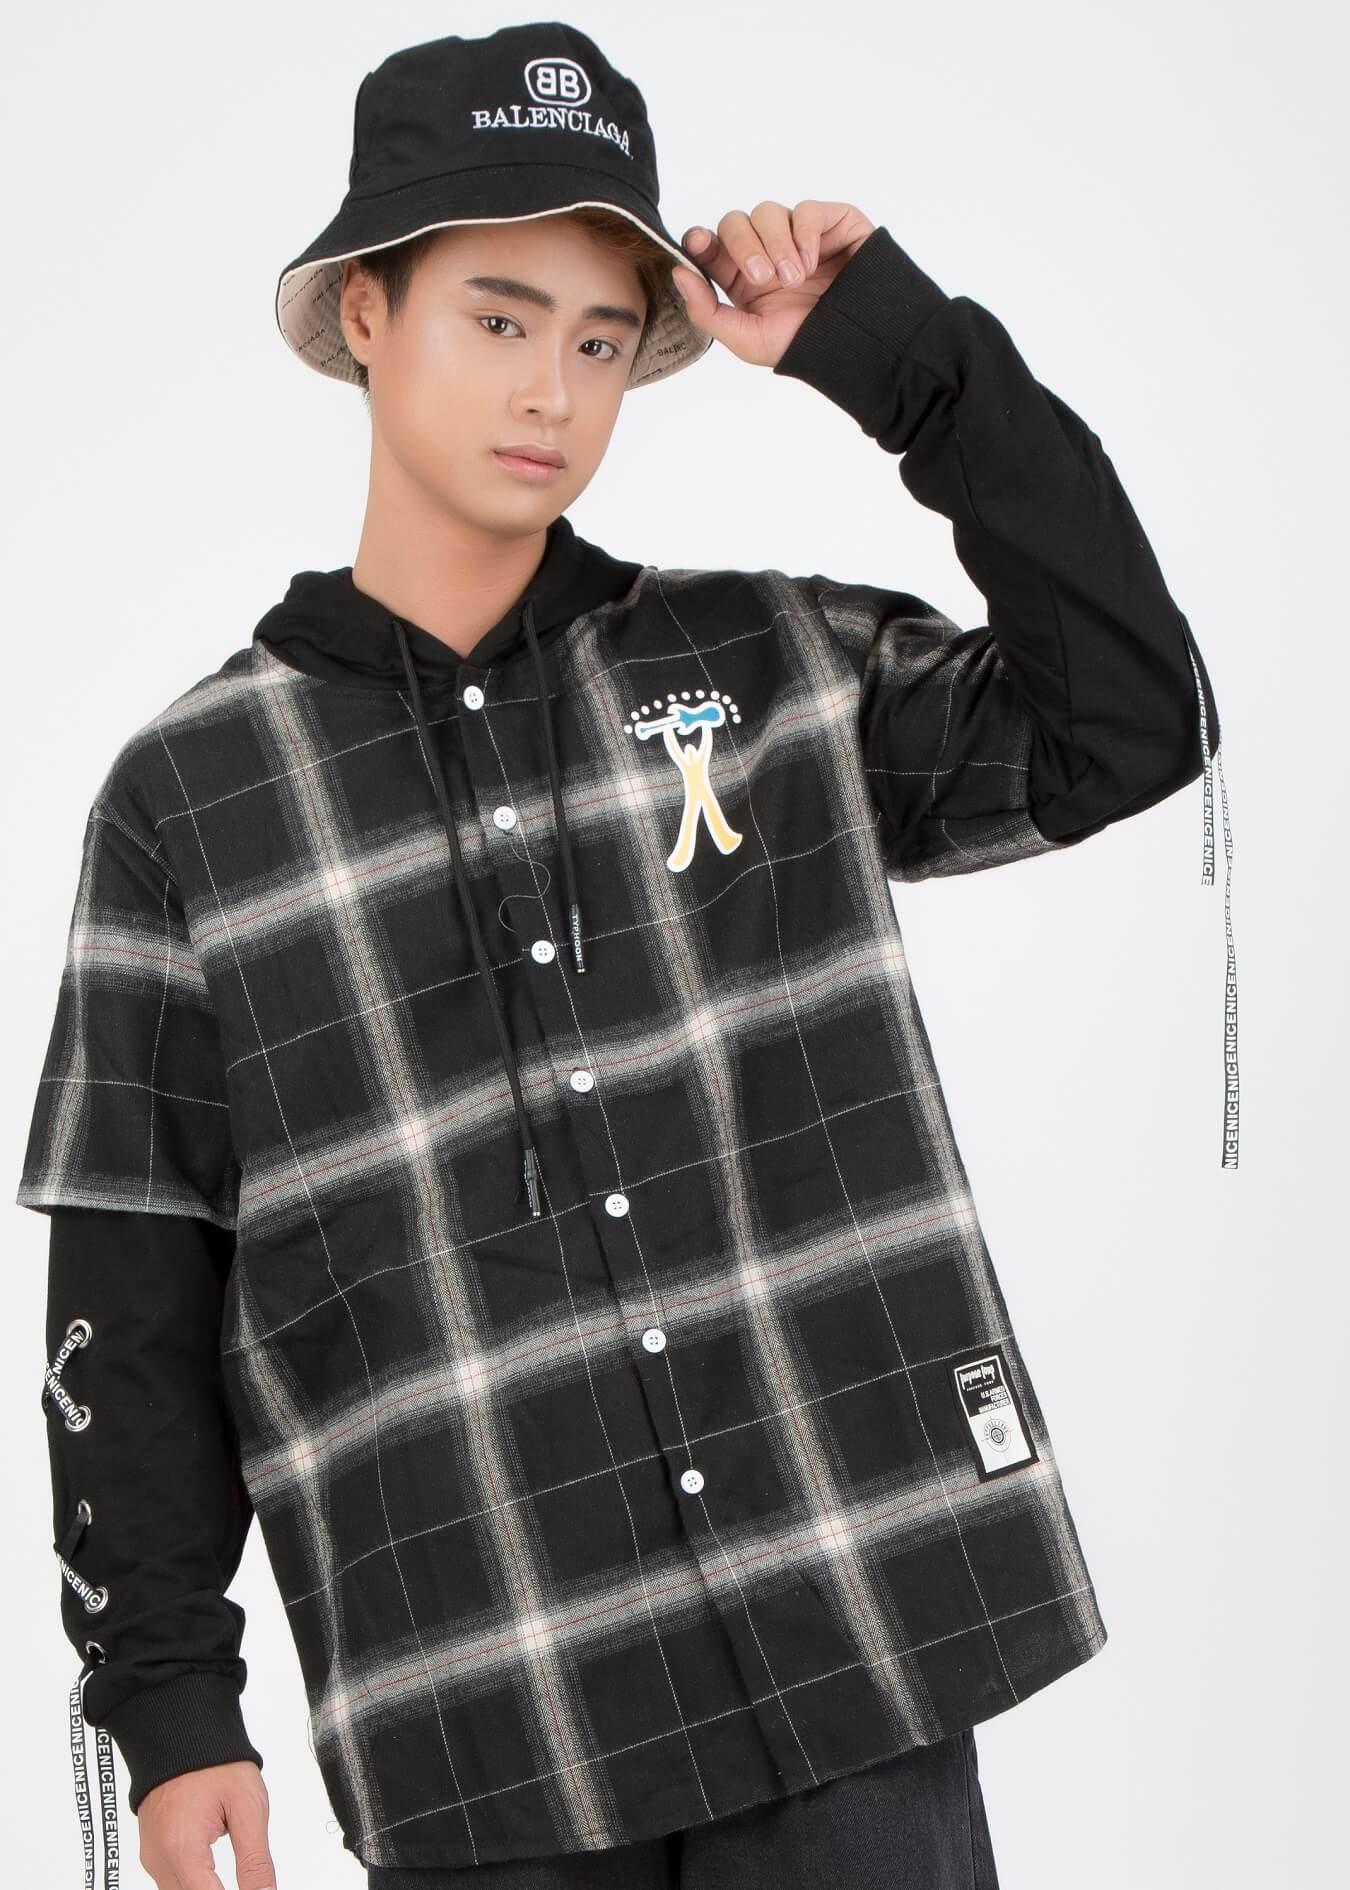 Áo hoodie là áo gì? Cùng tripleR tìm hiểu về áo hoodie